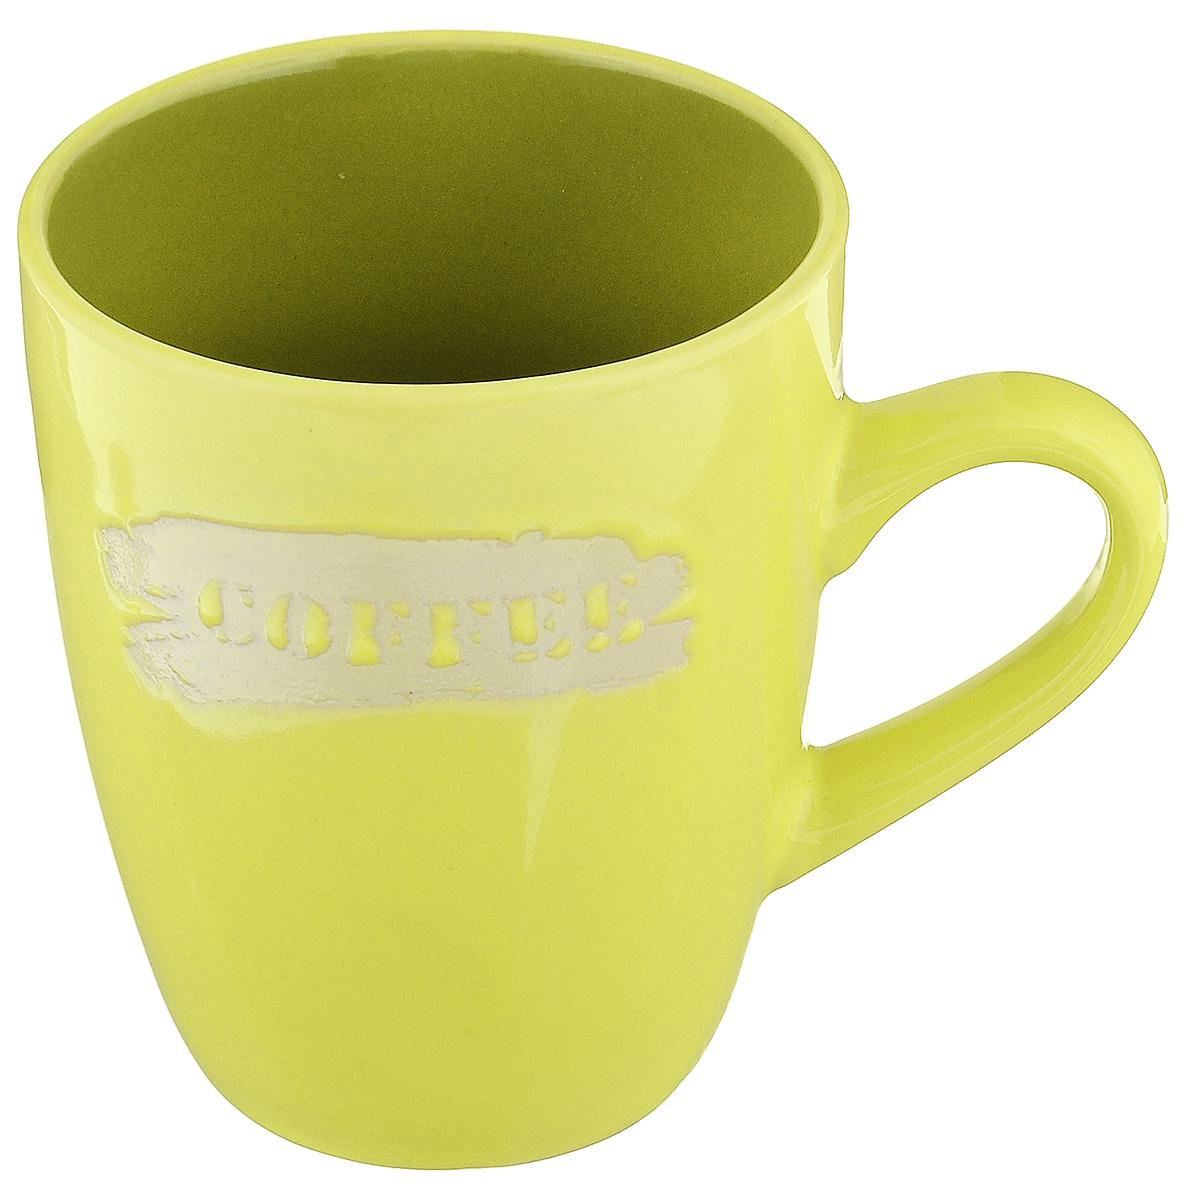 Кружка Wing Star Coffee, цвет: салатовый, 300 млLJ10-0871MКружка Wing Star Coffee изготовлена из высококачественной керамики и украшена надписью Coffee. Wing Star - качественная керамическая посуда из обожженной, глазурованной снаружи и изнутри глины с оригинальными рисунками. При изготовлении данной посуды широко используется рельефный способ нанесения декора, когда рельефная поверхность подготавливается в процессе формовки и изделие обрабатывается с уже готовым декором. Благодаря этому достигается эффект неровного на ощупь рисунка, как бы утопленного внутрь глазури и являющегося его естественным элементом. Кружку можно использовать в СВЧ и мыть в посудомоечной машине. Диаметр (по верхнему краю): 8 см. Высота стенки: 10 см. Объем кружки: 300 мл.